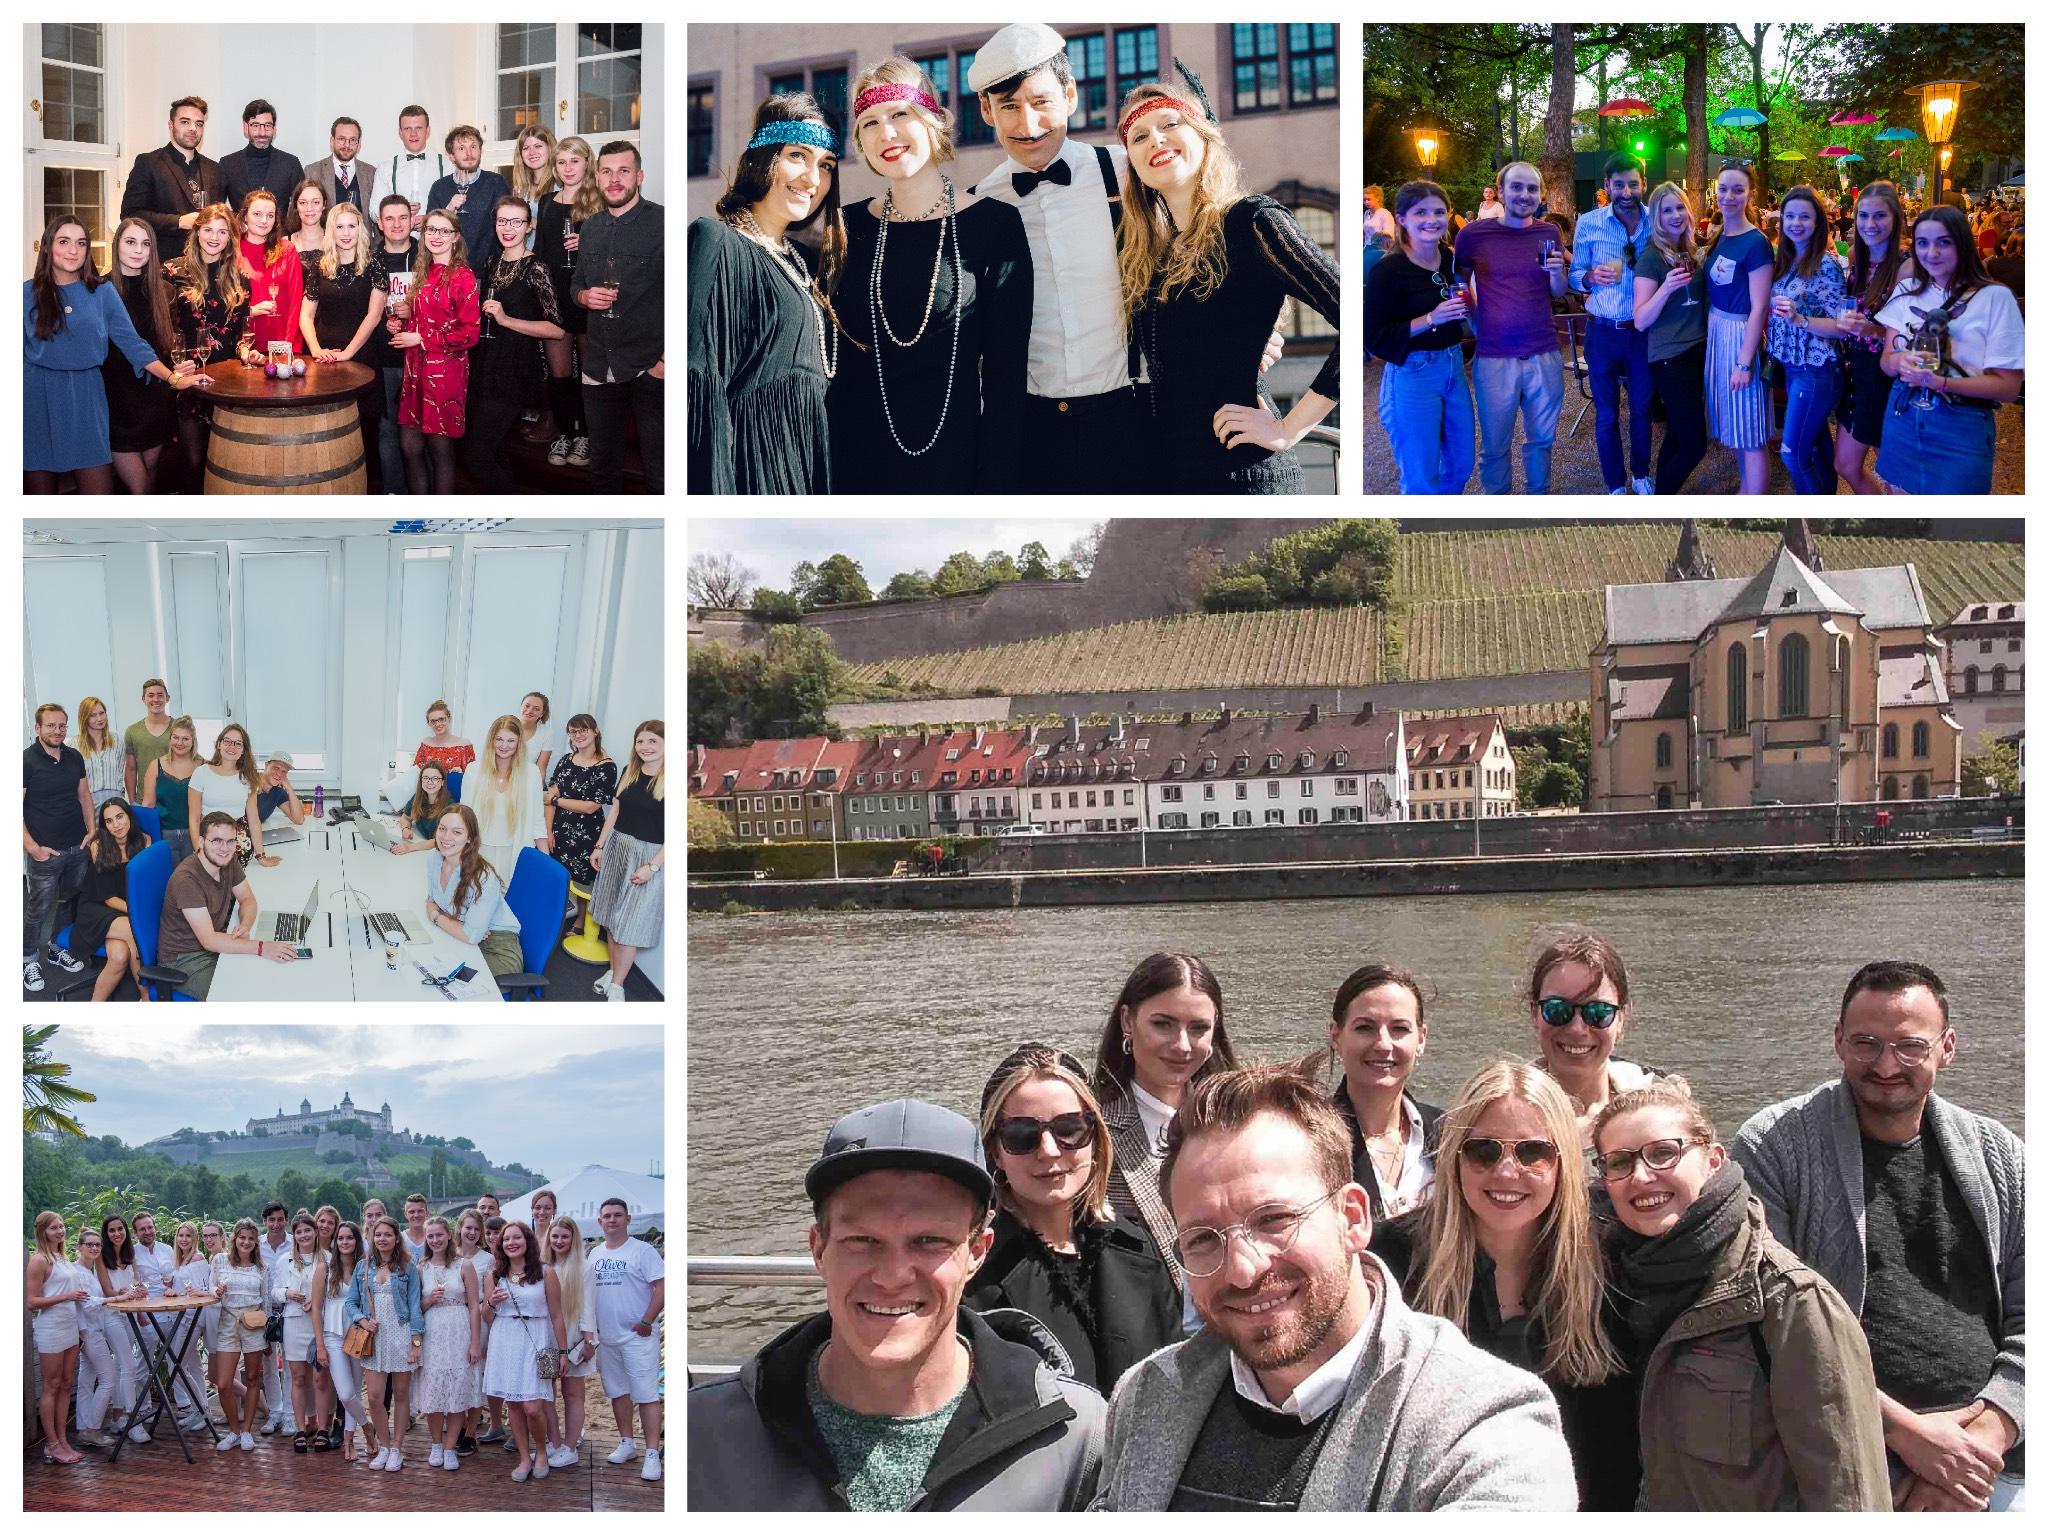 10 Jahre Würzburg erleben - Happy Birthday! Collage: Pascal Höfig